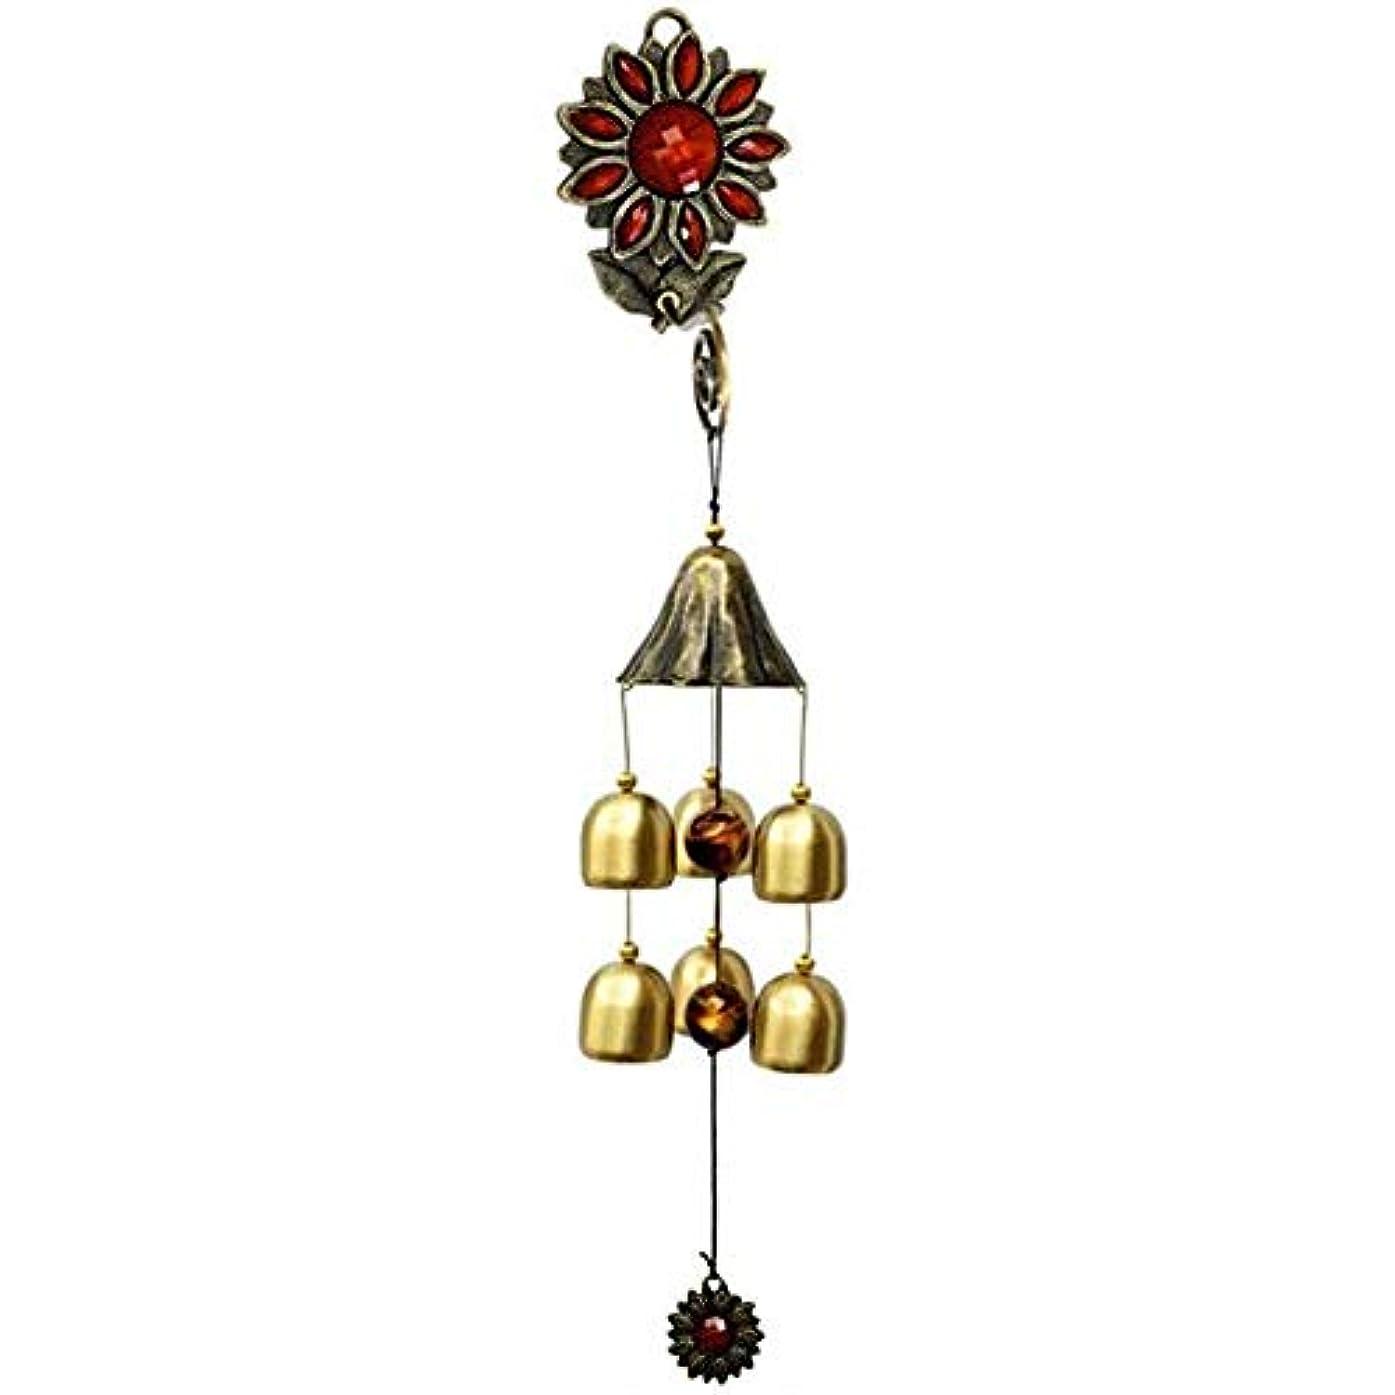 湿気の多いオーナー変装したJielongtongxun 風チャイム、ガーデンメタルクリエイティブひまわり風の鐘、グリーン、全長約35CM,絶妙な飾り (Color : Red)